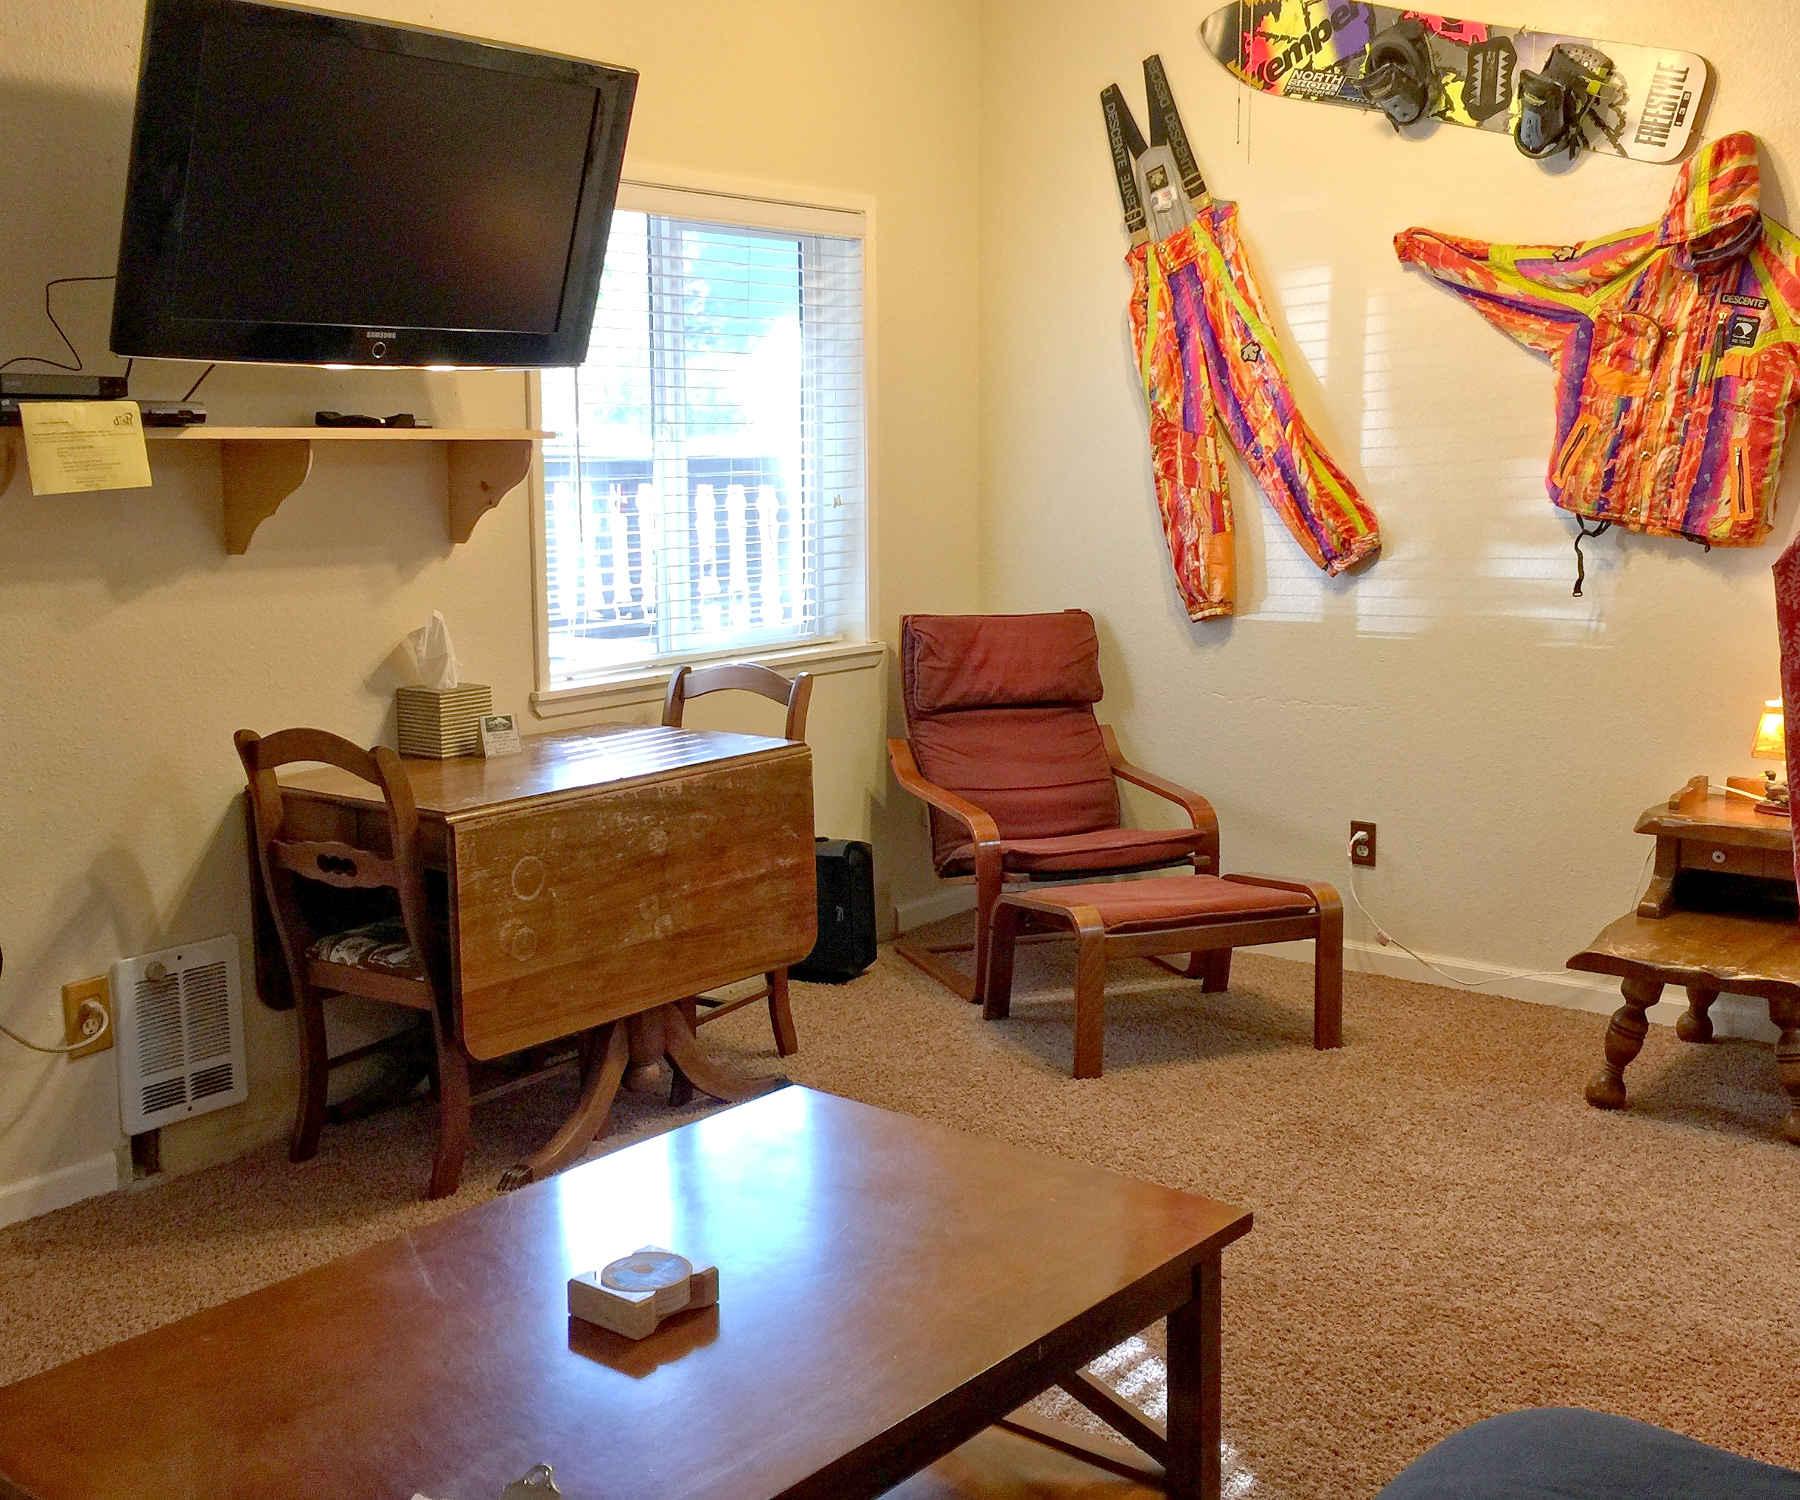 Rent Com Contact: Self Catering, Villas, Apartments